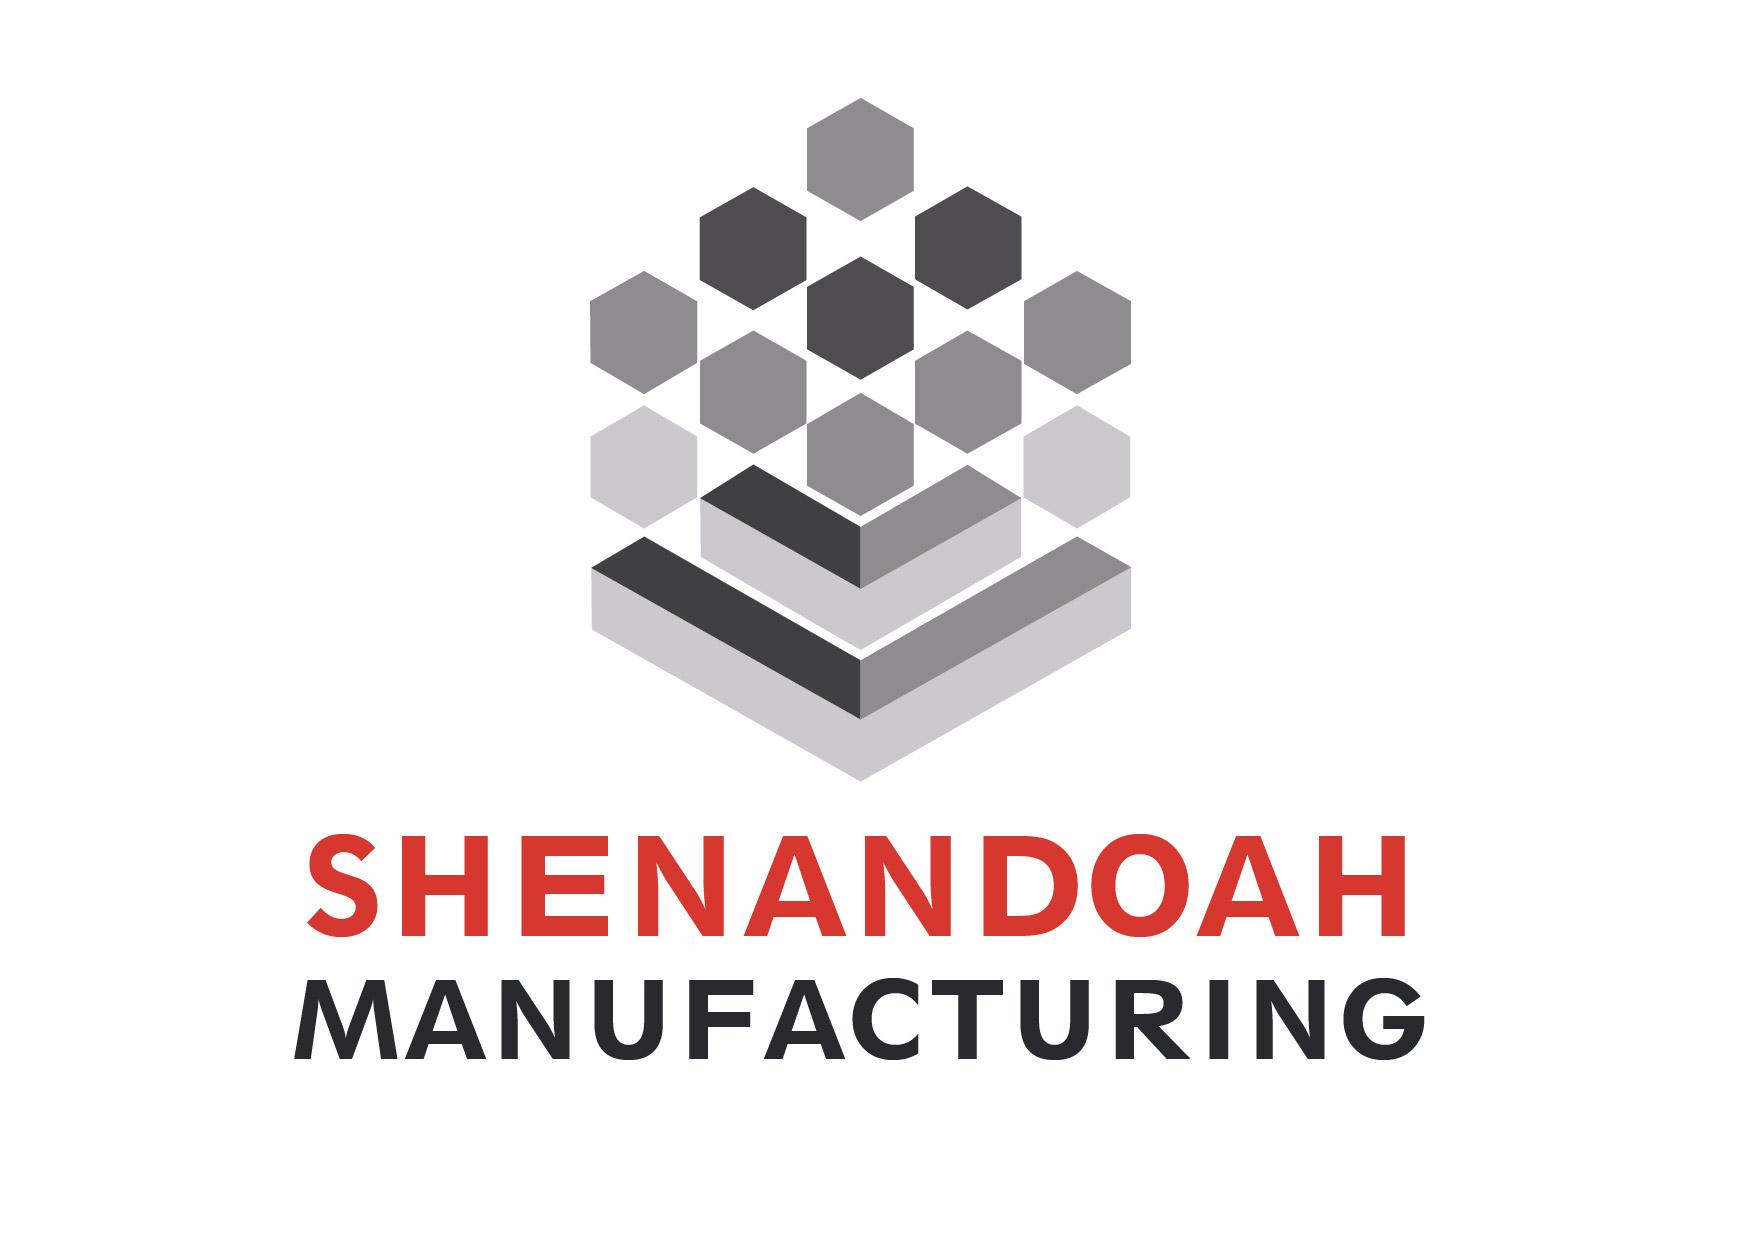 Original logo design for Shenandoah Manufacturing, located in Newnan, Georgia